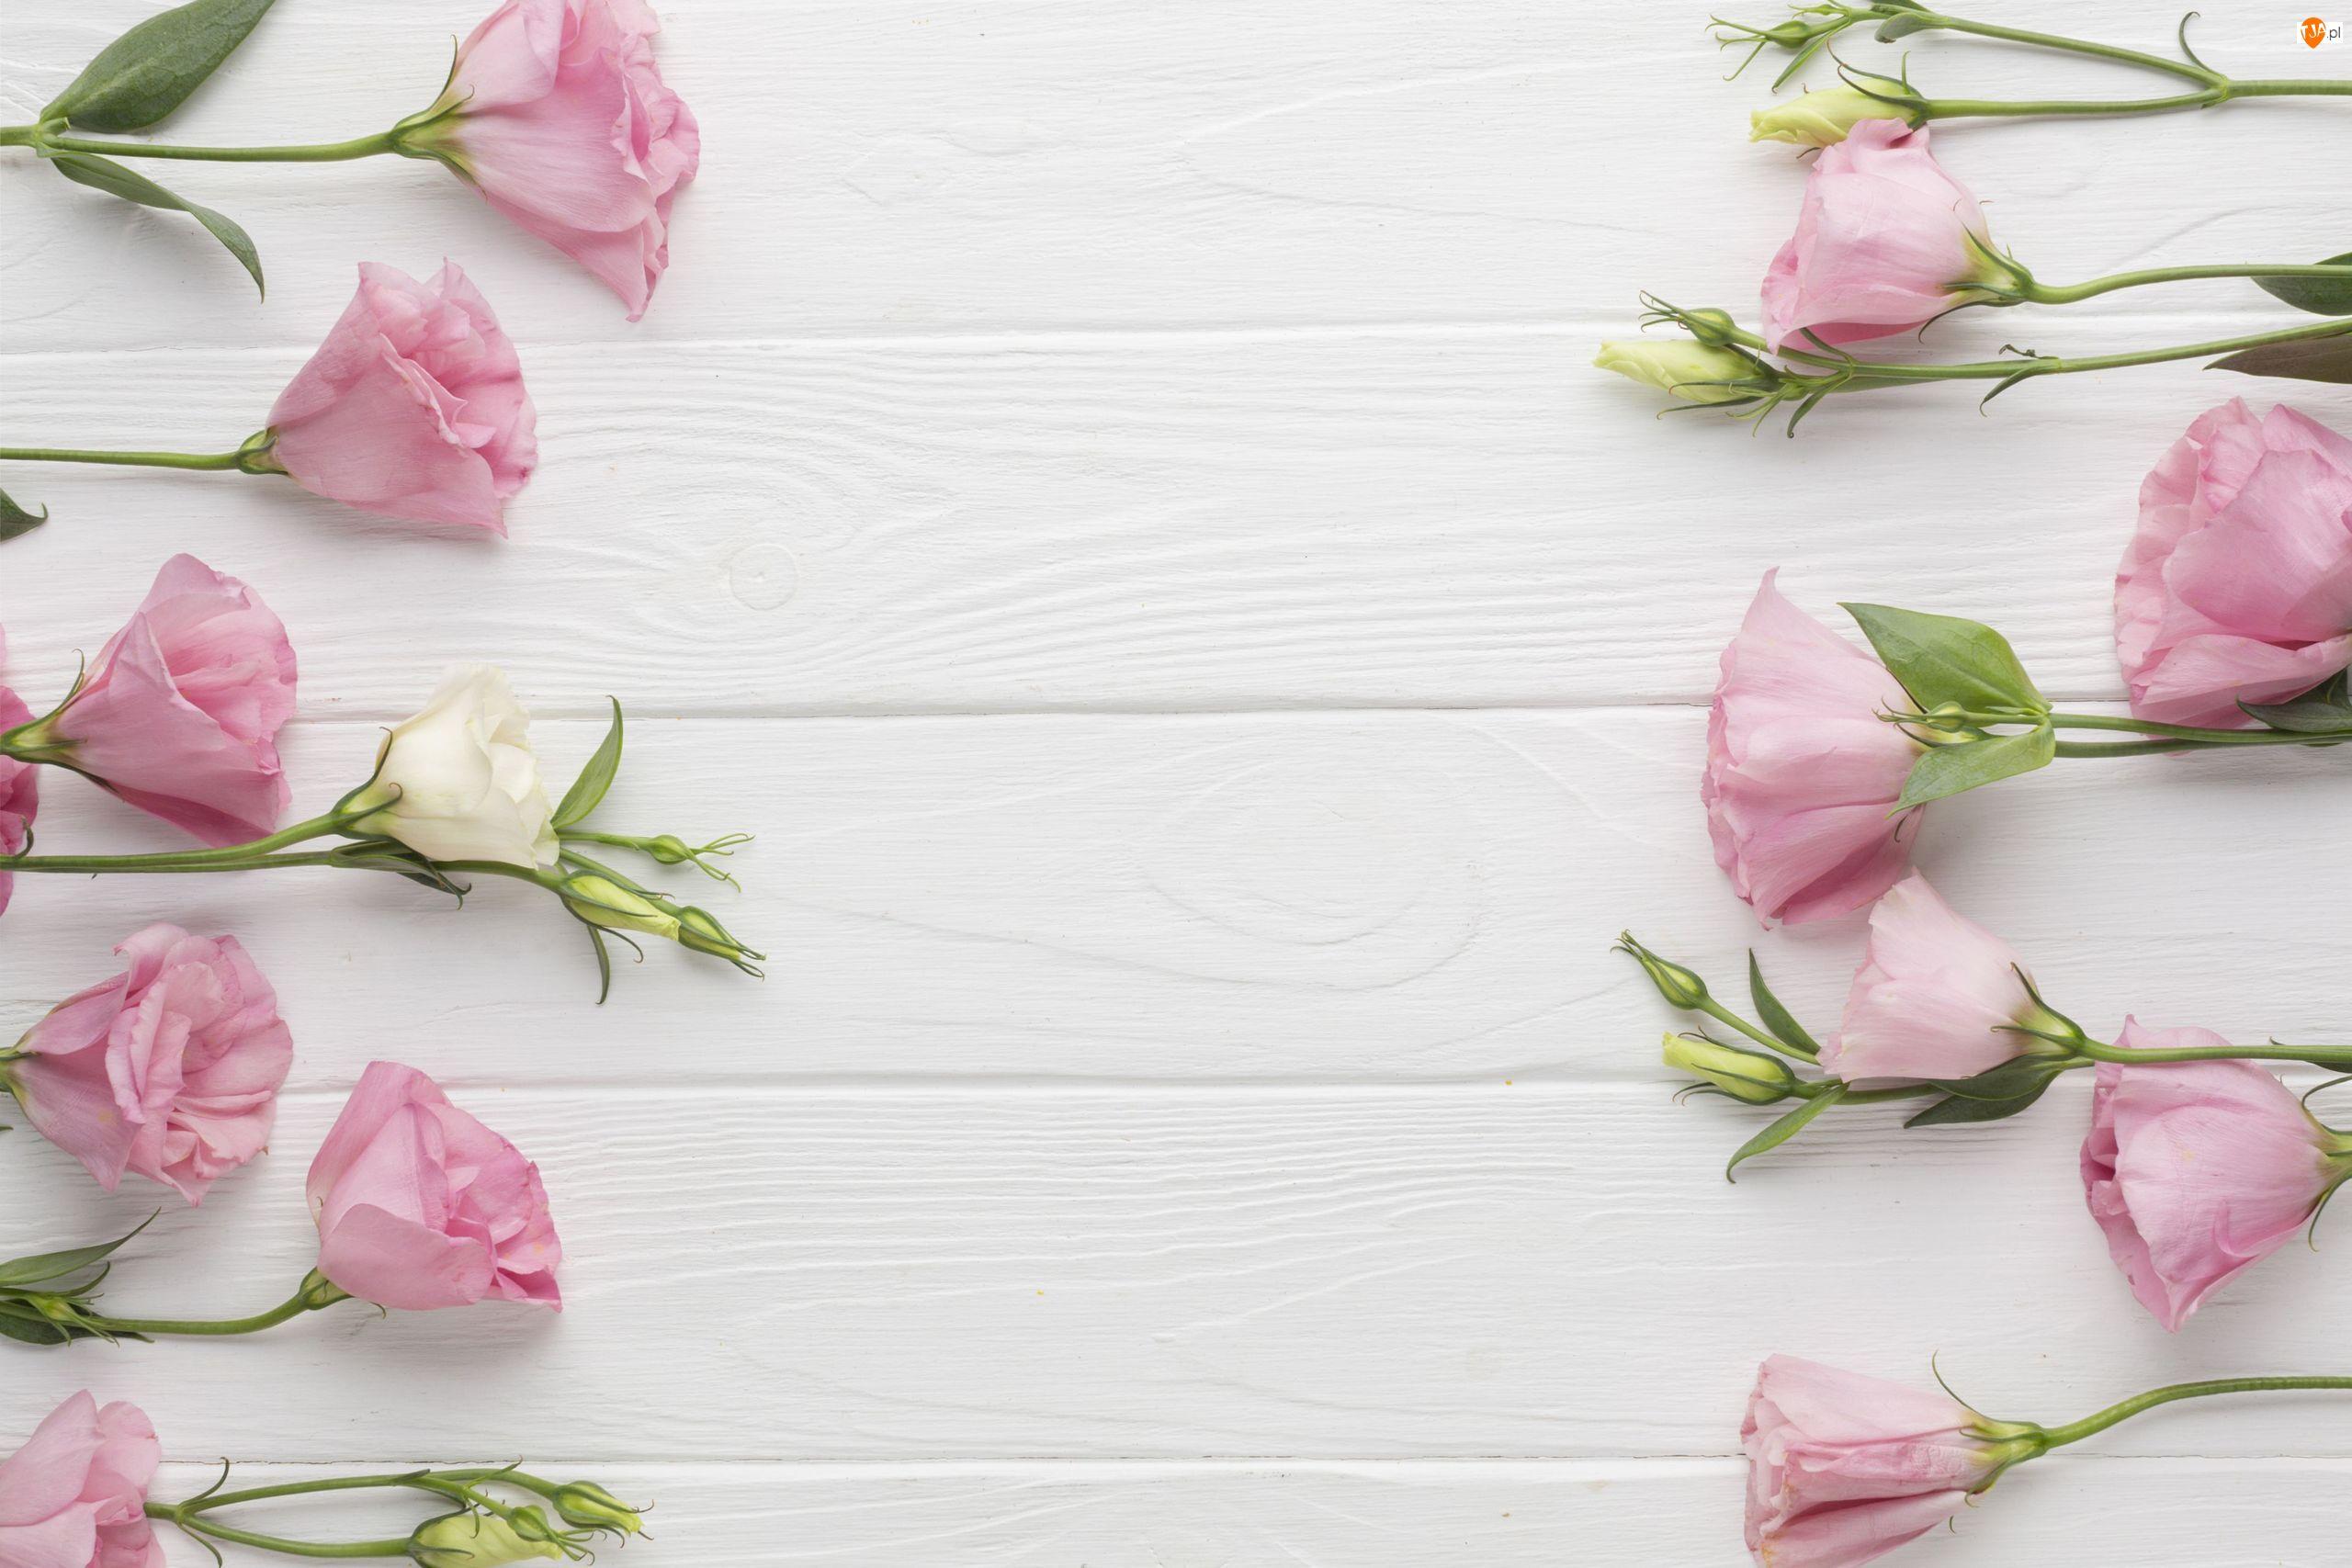 Eustomy, Deski, Różowe, Kwiaty, Białe